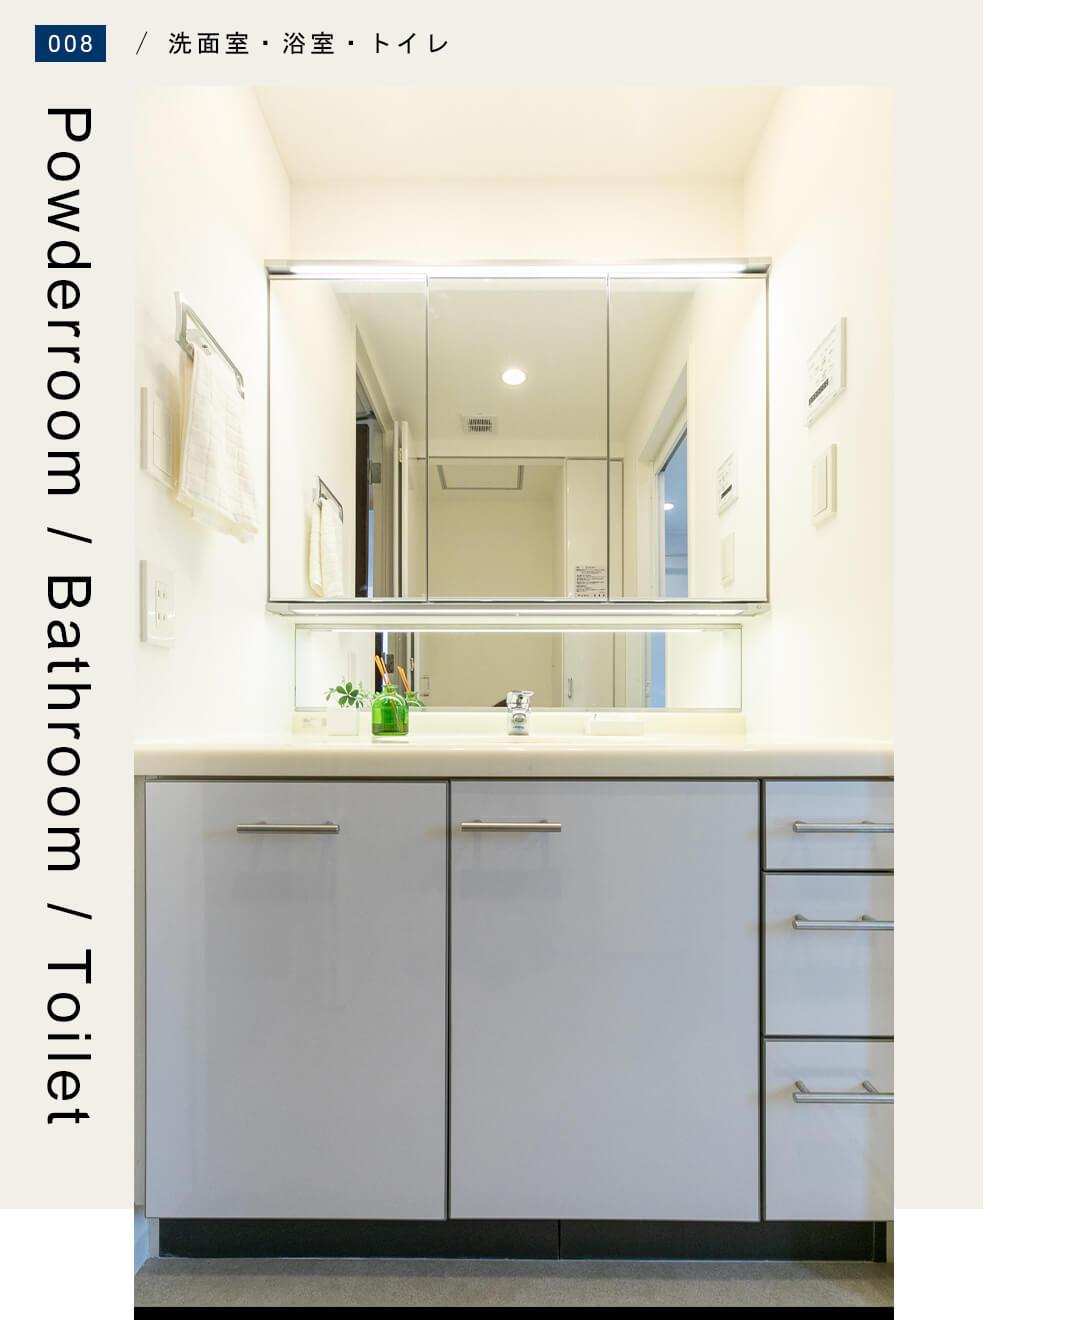 008洗面室,浴室,トイレ,Bathroom,Powderroom,Toilet